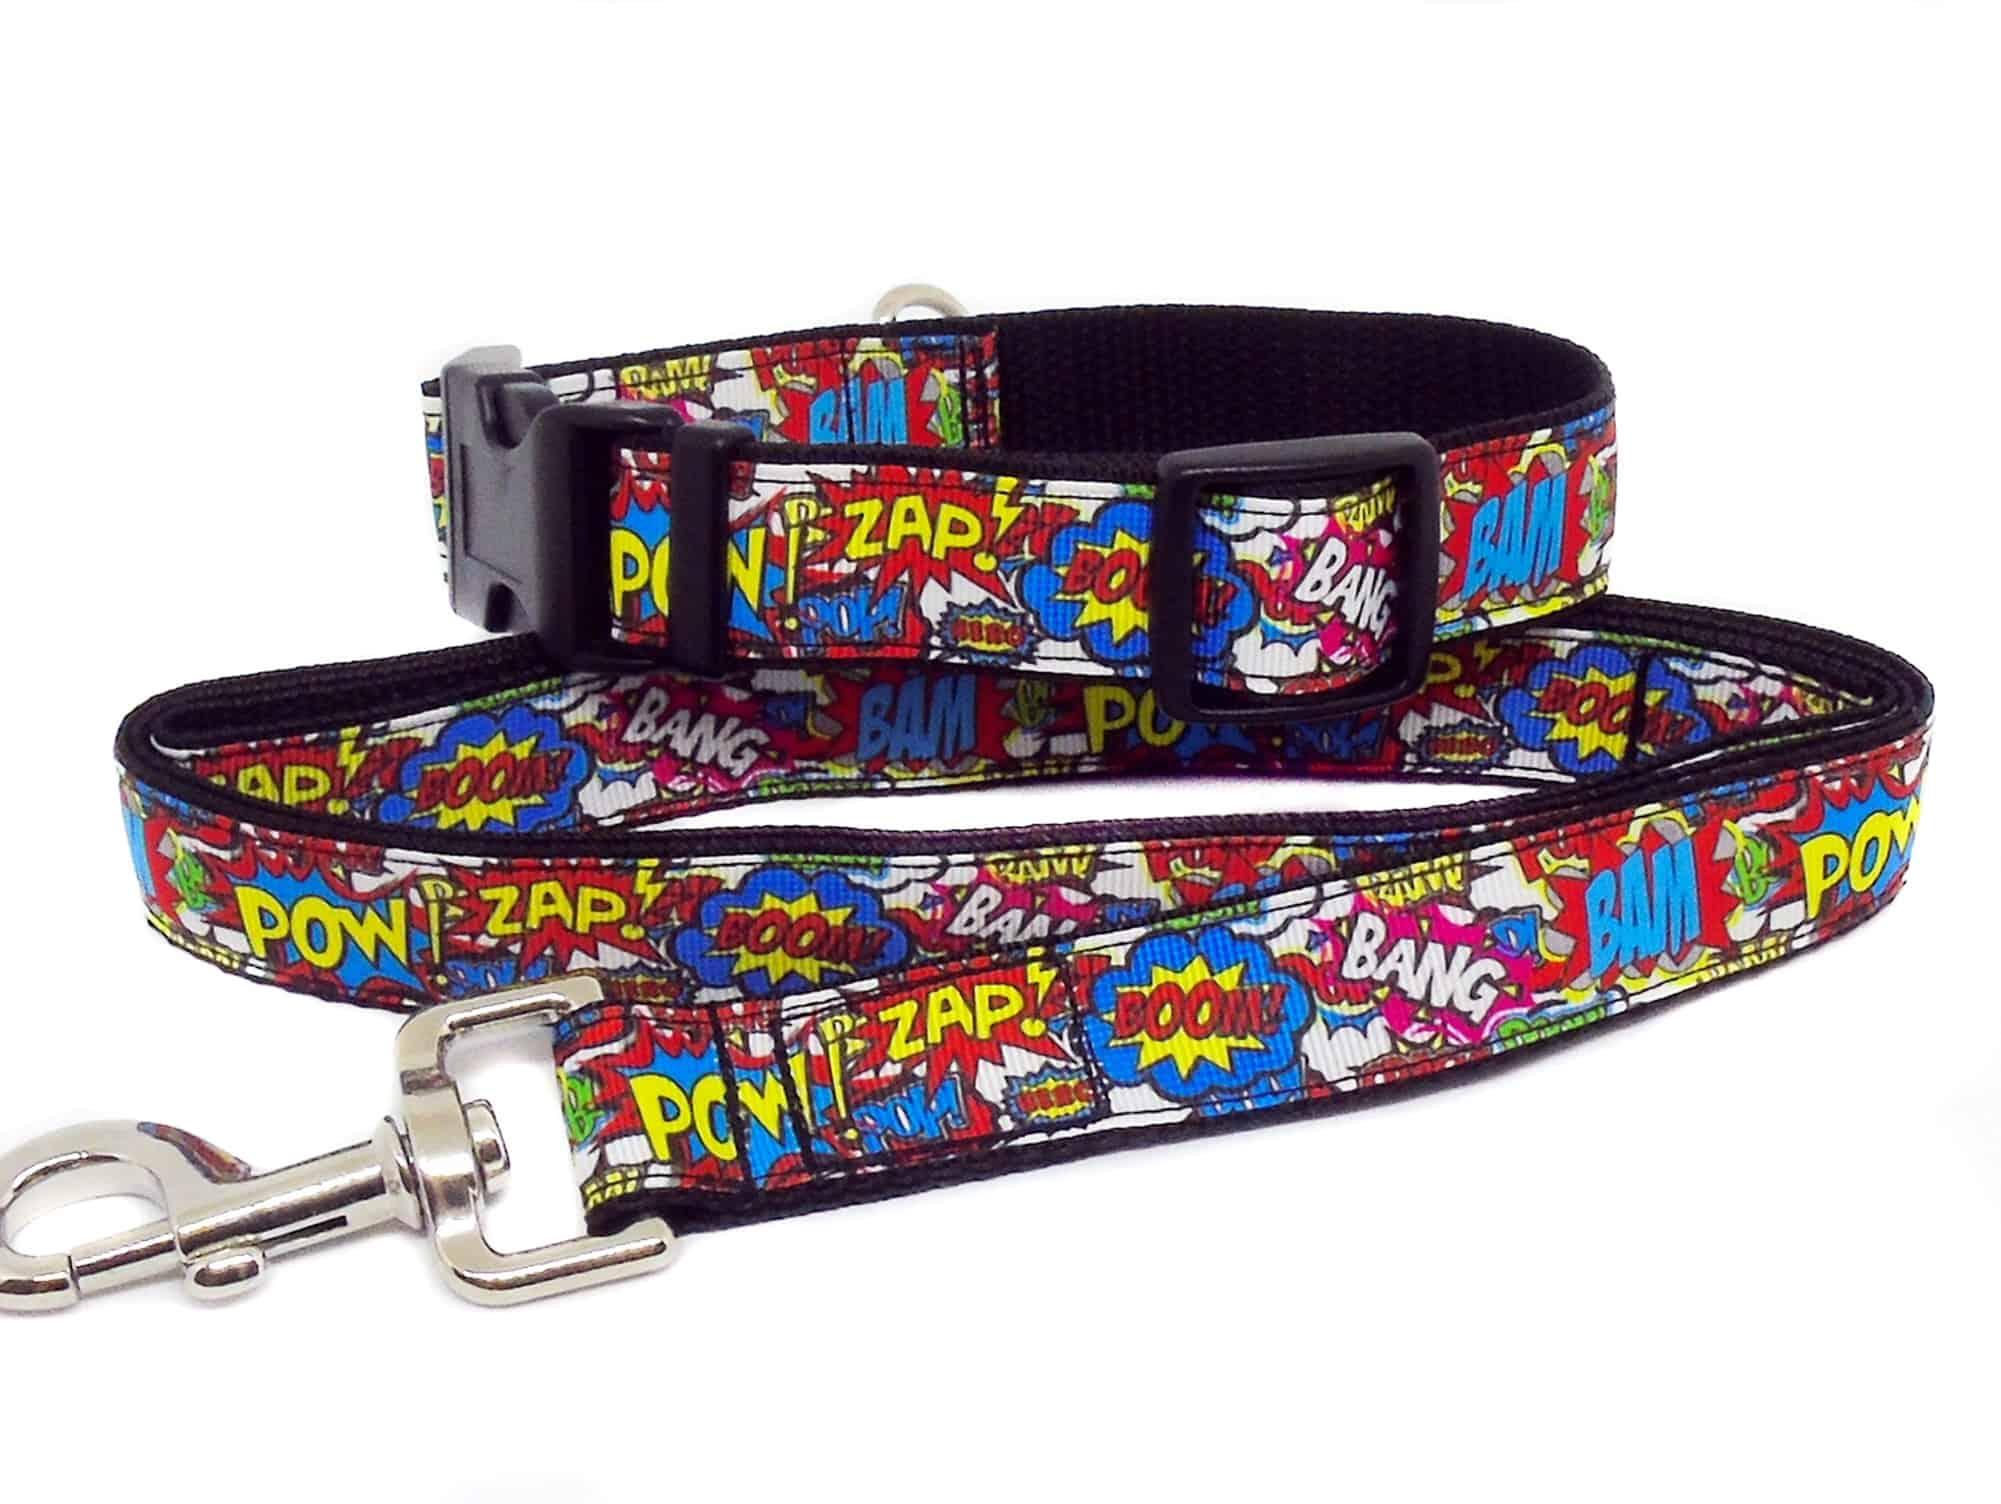 bam pow collar and lead